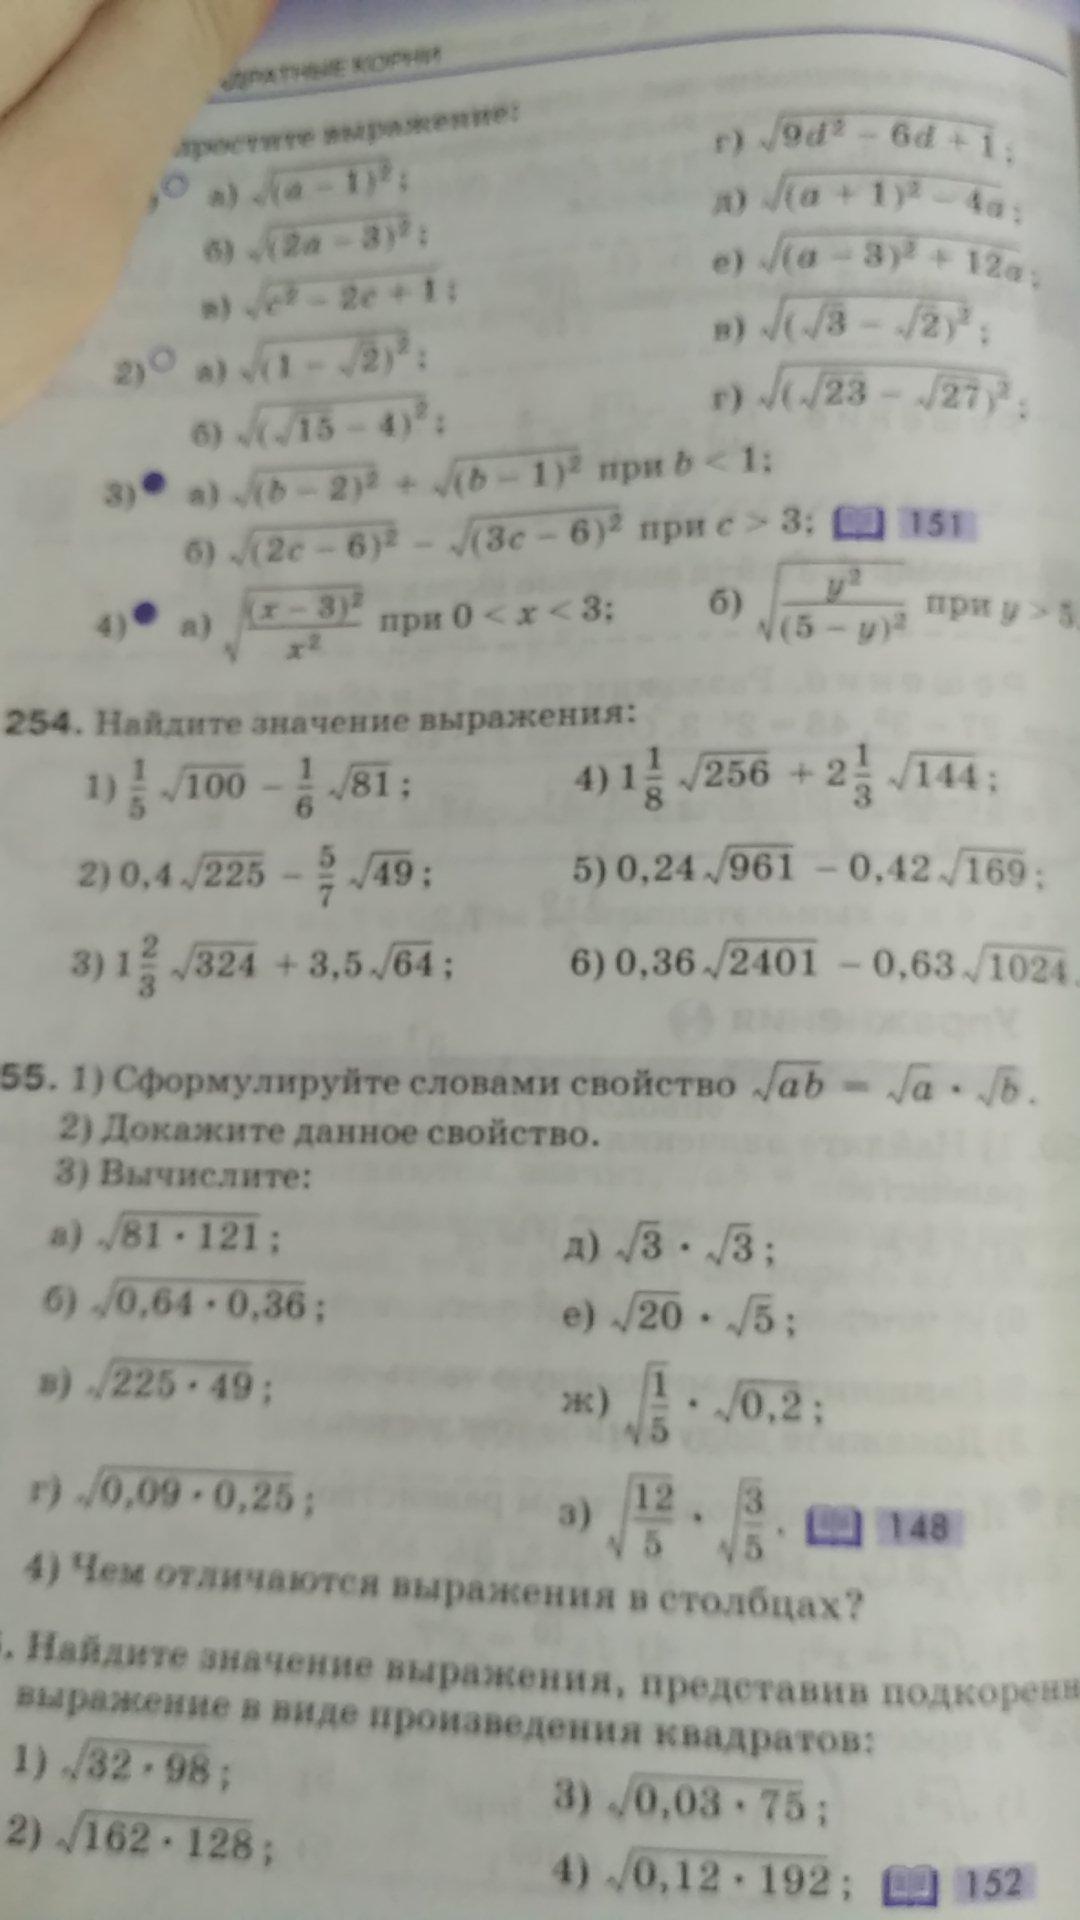 Найдите значение выражения <br>Номер 254. (1,3,5)